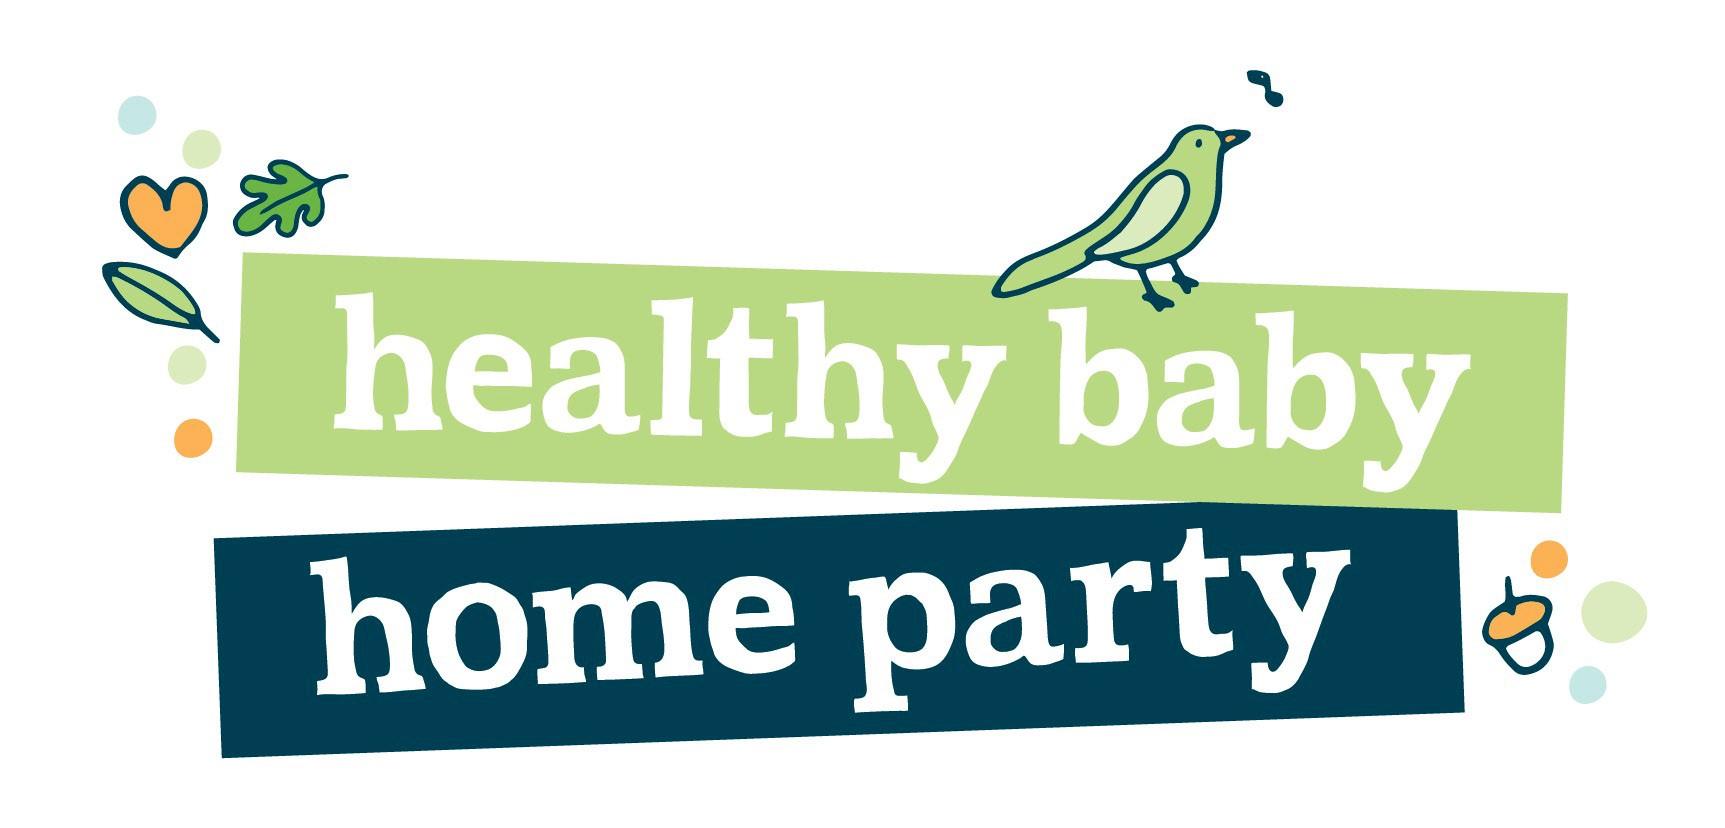 New hbhp logo